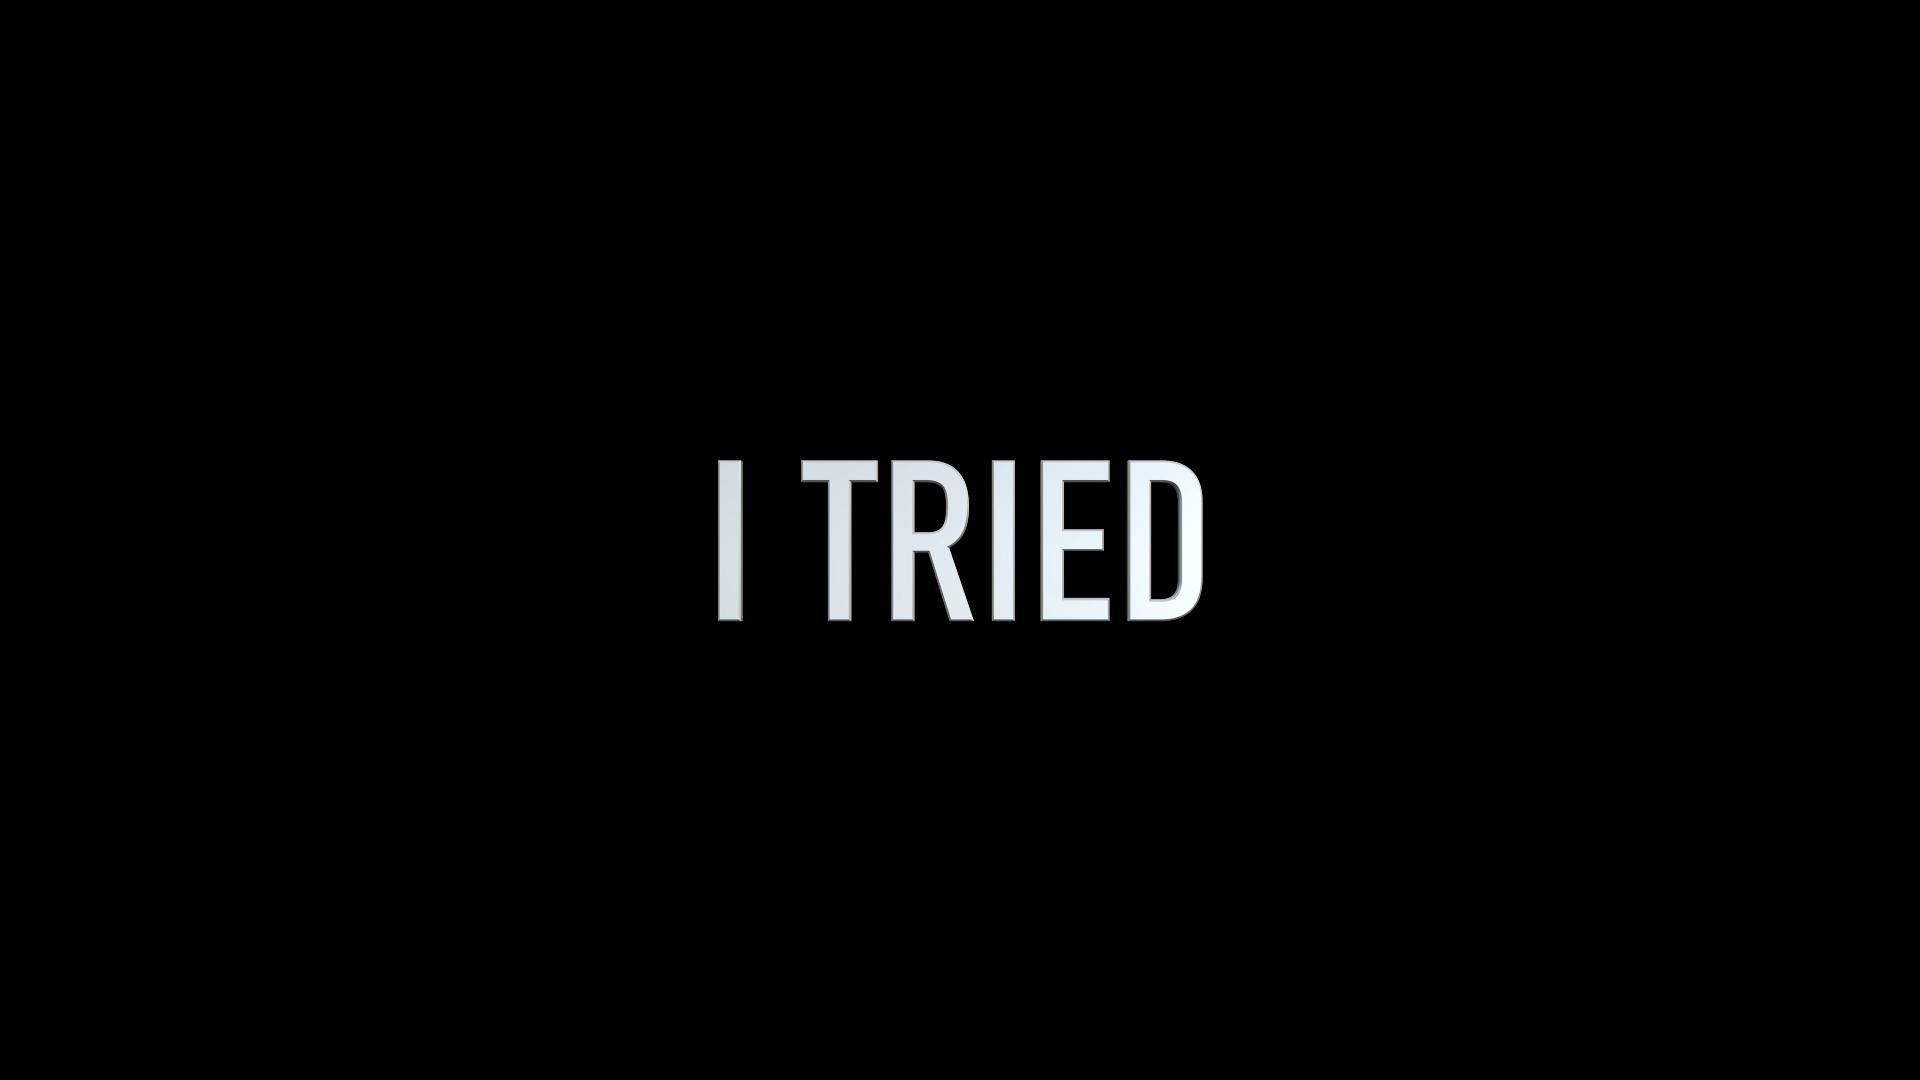 I Tried - Short Film